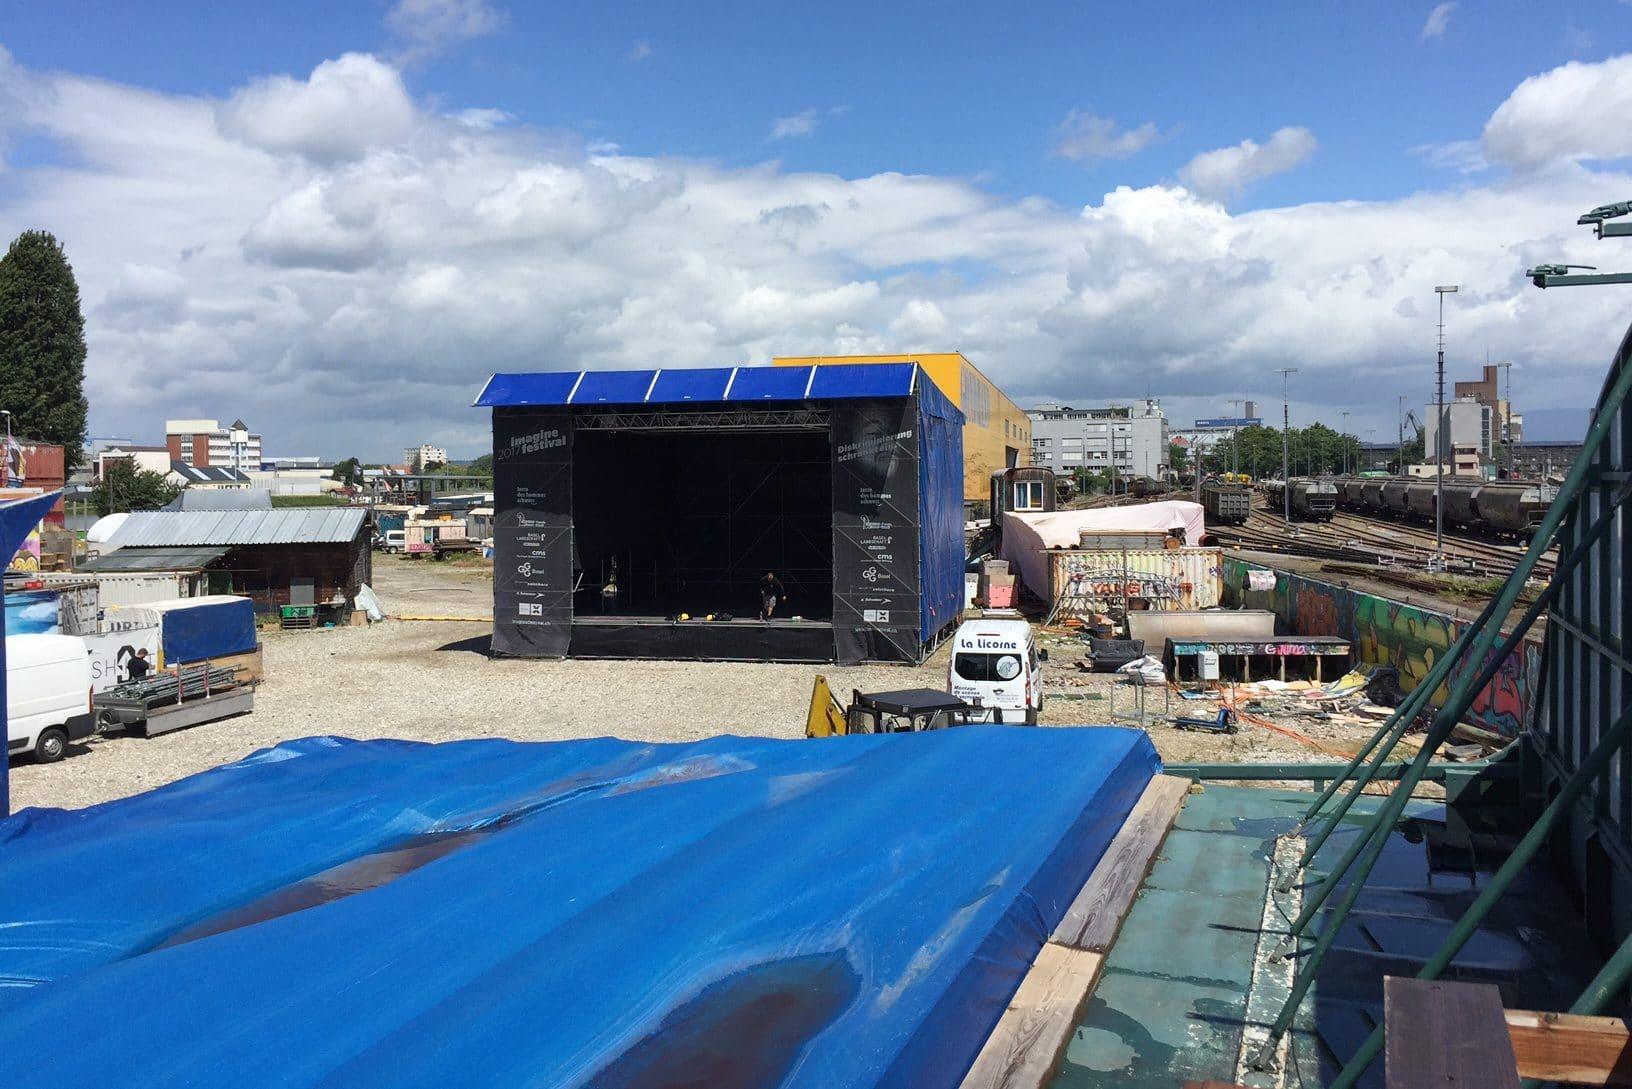 Aufbau der Hauptbühne. Bühne im Hintergrund. Von oben fotografiert.